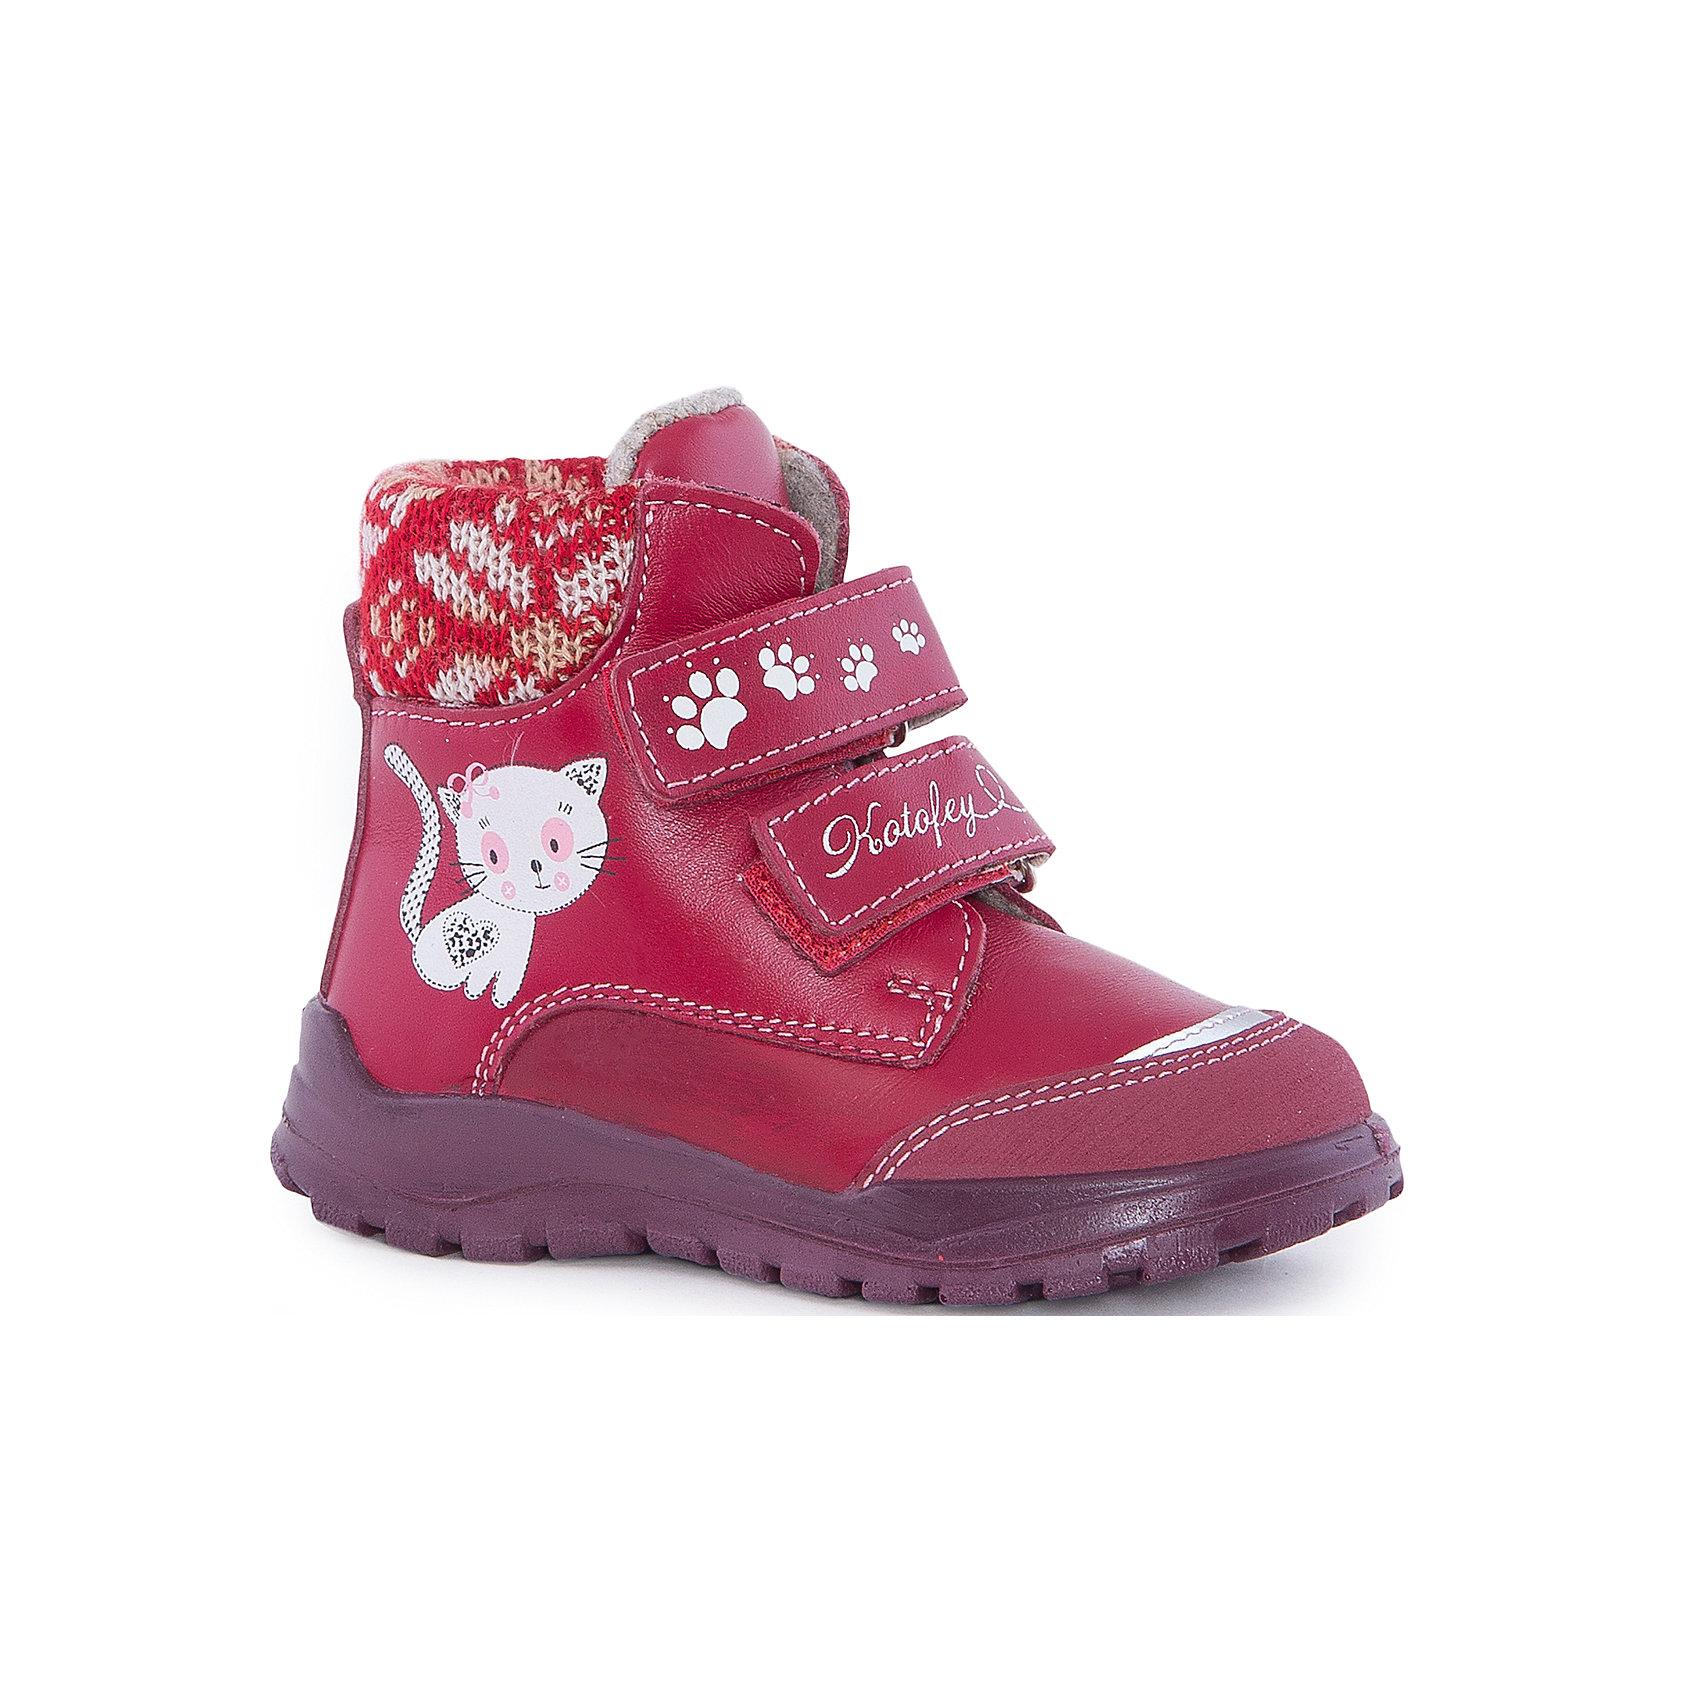 Ботинки для девочки КотофейБотинки для девочки Котофей.<br><br>Характеристики:<br><br>- Внешний материал: натуральная кожа<br>- Внутренний материал: байка<br>- Стелька: войлок<br>- Подошва: полиуретан<br>- Тип застежки: липучки<br>- Вид крепления обуви: литьевой<br>- Температурный режим до -10С<br>- Цвет: красный<br>- Сезон: весна, осень<br>- Пол: для девочек<br><br>Ботинки для девочки красного цвета торговой марки Котофей - идеальная обувь для межсезонья. Верх модели выполнен полностью из дышащей натуральной гладкой кожи с гидрофобными свойствами. Подкладка – утеплённая, из полушерстяной байки. Дополнительную защиту от прохлады даёт войлочная стелька, которую можно вытащить для просушки, воспользовавшись специальной петлёй. Сверху модели имеется мягкий трикотажный манжет, обеспечивающий удобство при ходьбе и предотвращающий натирание ноги. Подошва литьевого метода крепления легкая и гибкая, имеет анатомическую форму следа, повторяя изгибы свода стопы. Благодаря этому ножки будут чувствовать себя комфортно весь день! Два ремня с липучкой позволяют не только быстро обувать и снимать обувь, но и обеспечивают плотное прилегание обуви к стопе. Дизайн соответствует и европейским, и отечественным тенденциям моды. Детская обувь «Котофей» качественна, красива, добротна, комфортна и долговечна. Она производится на Егорьевской обувной фабрике. Жесткий контроль производства и постоянное совершенствование технологий при многолетнем опыте позволяют считать компанию одним из лидеров среди отечественных производителей детской обуви.<br><br>Ботинки для девочки Котофей можно купить в нашем интернет-магазине.<br><br>Ширина мм: 262<br>Глубина мм: 176<br>Высота мм: 97<br>Вес г: 427<br>Цвет: красный<br>Возраст от месяцев: 21<br>Возраст до месяцев: 24<br>Пол: Женский<br>Возраст: Детский<br>Размер: 24,23,22,21,19,20<br>SKU: 5023935